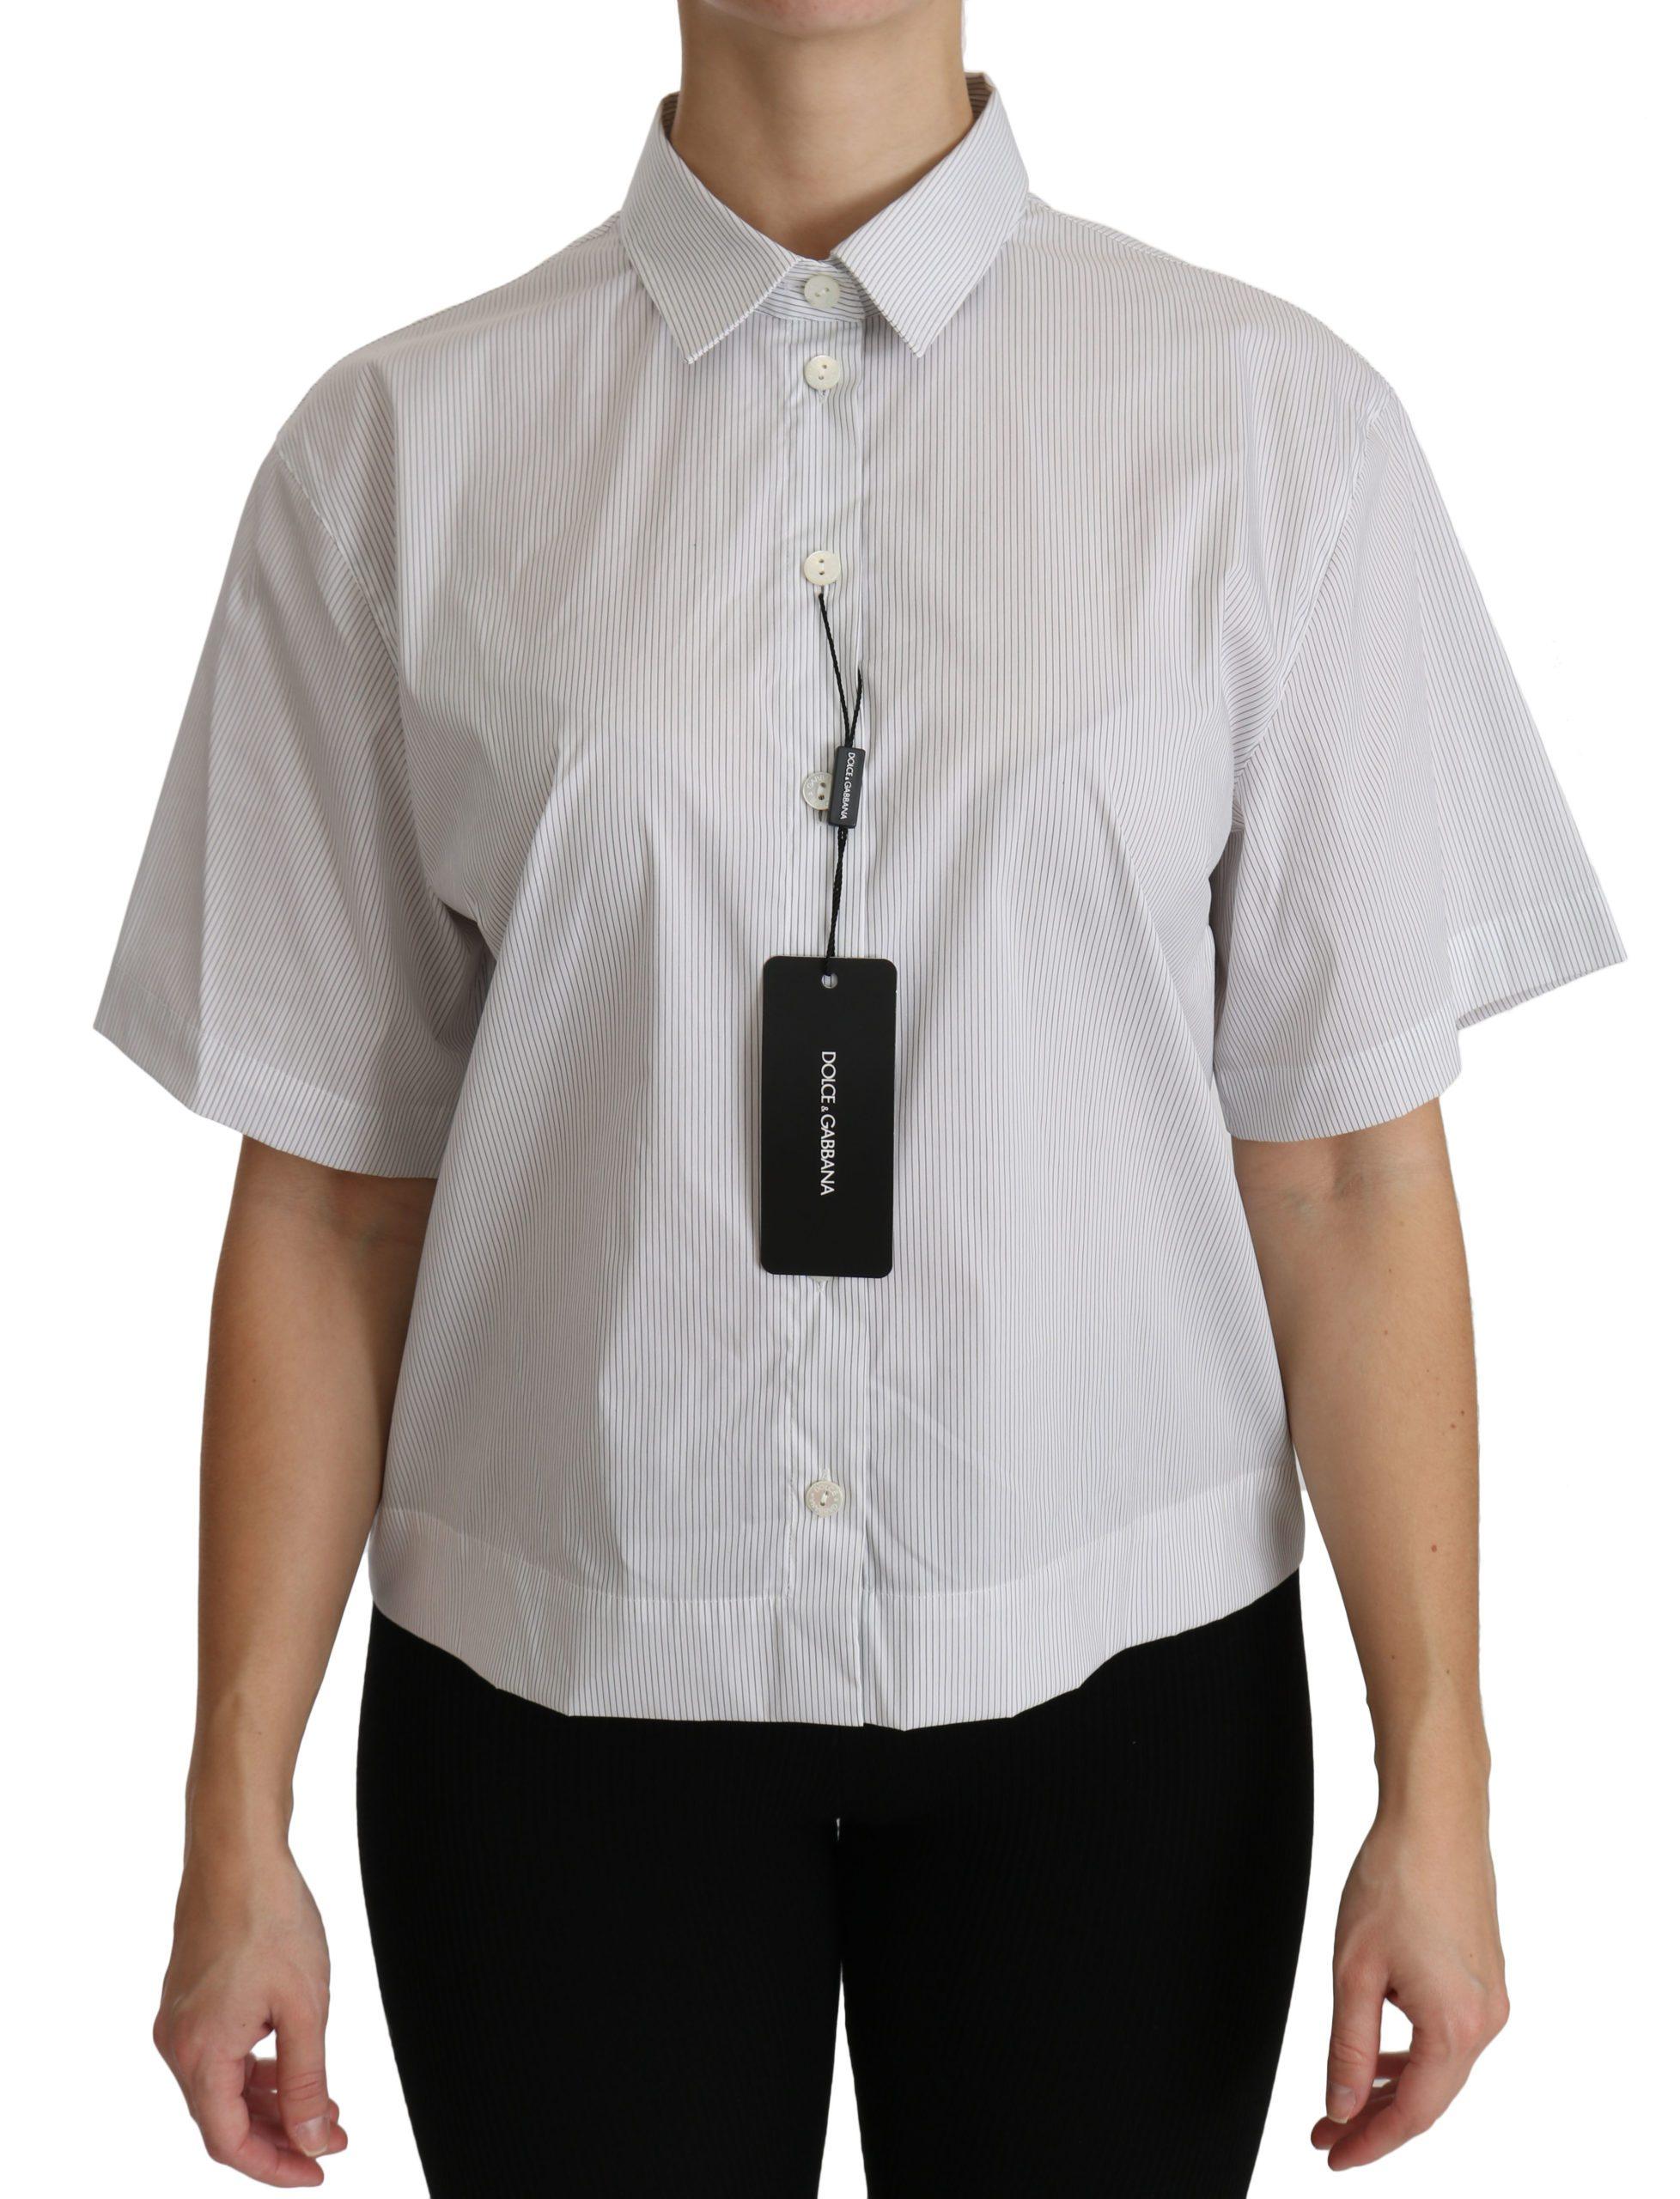 Dolce & Gabbana Women's SS Polo Top White TSH4314 - IT46 XL